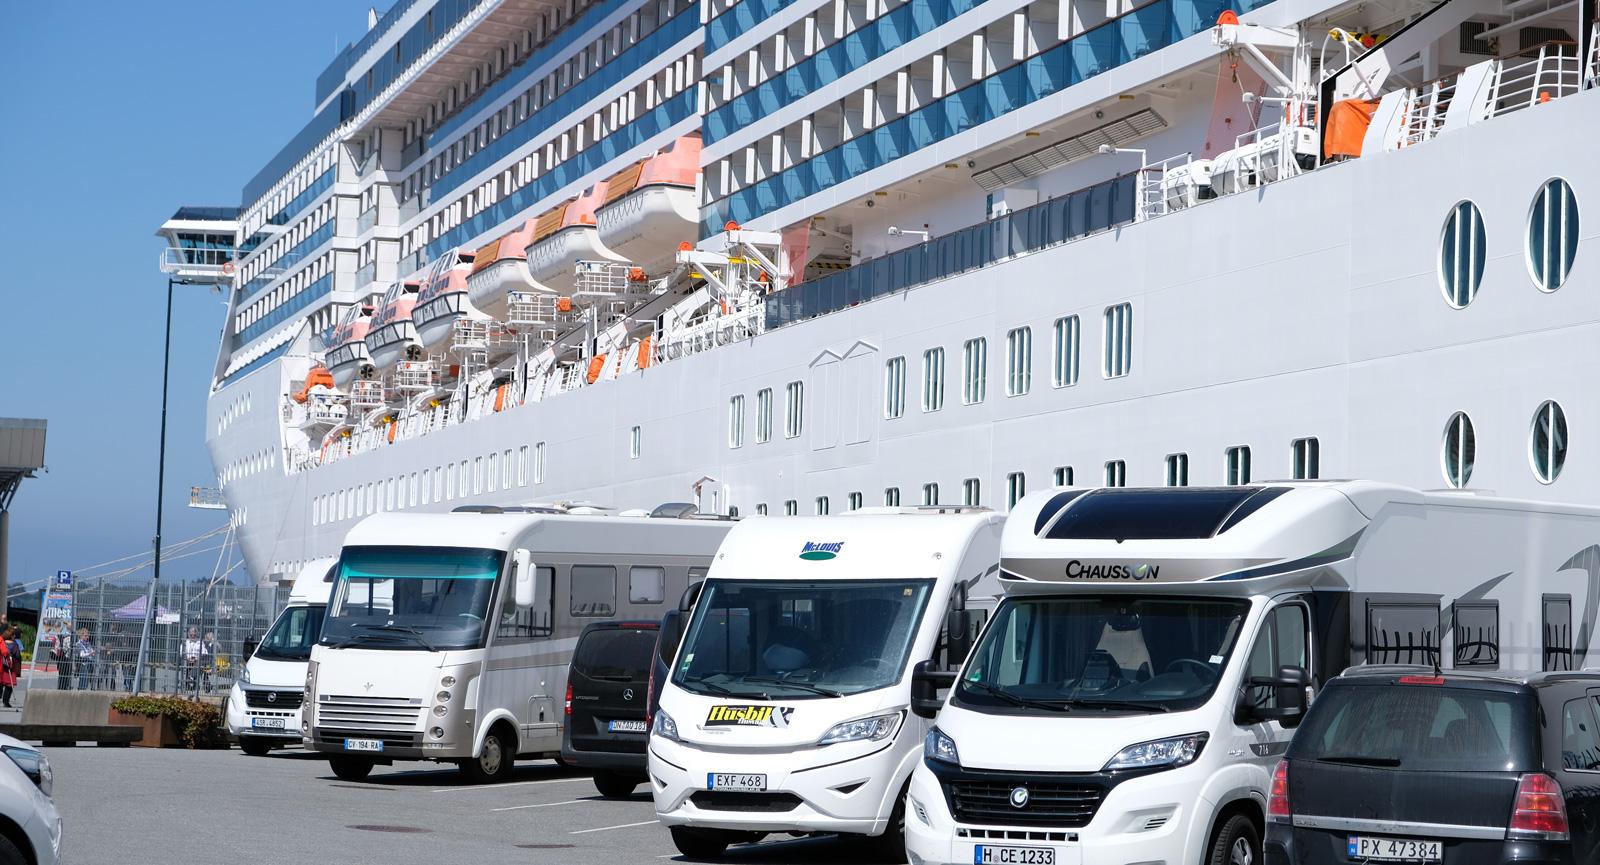 Stavanger är inte bara kryssningsbåtar utan passar perfekt för ett stopp även med husbil.